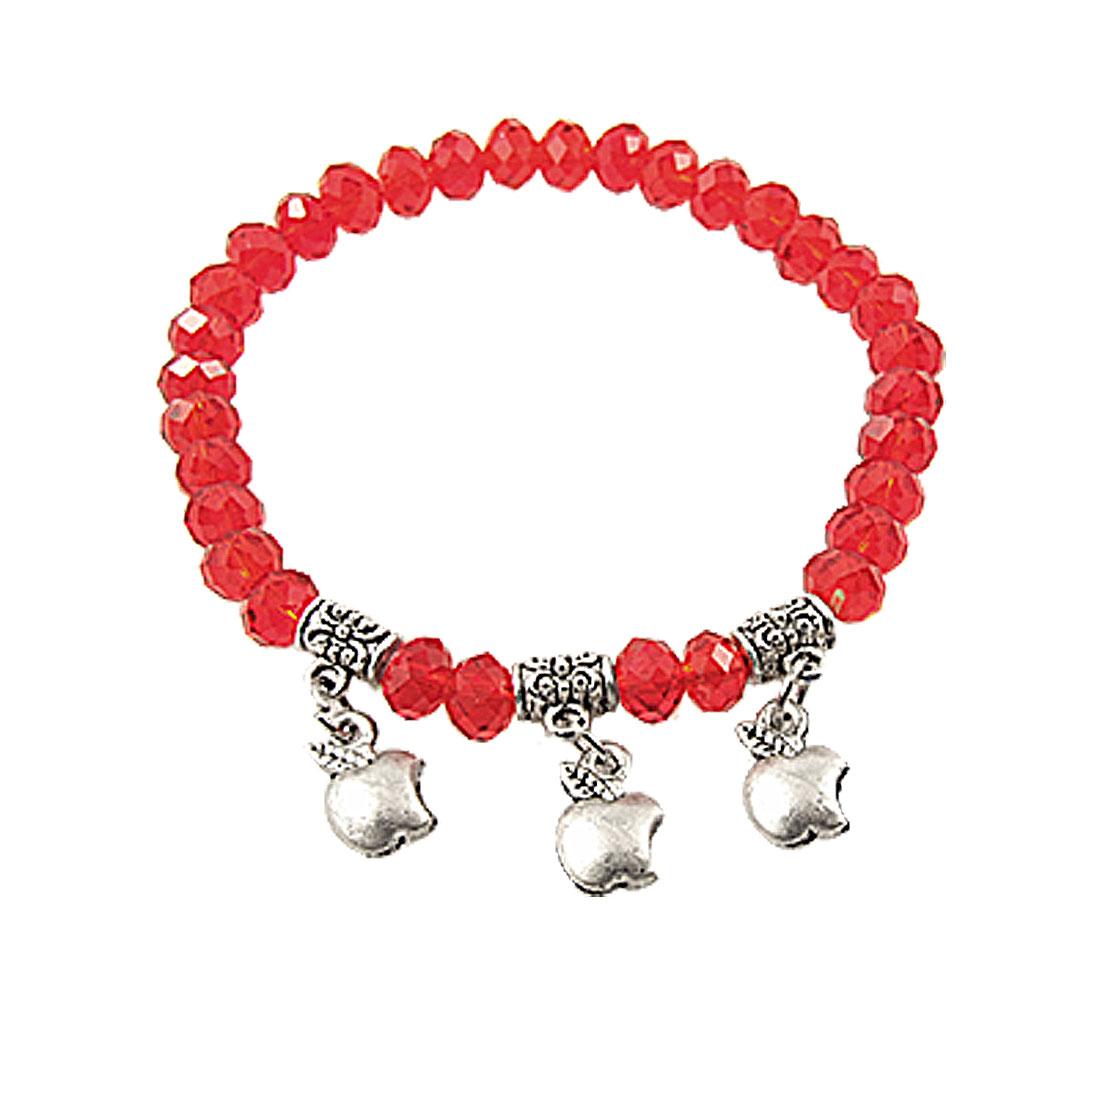 Plastic Red Faceted Bead Elastic Bracelet for Women